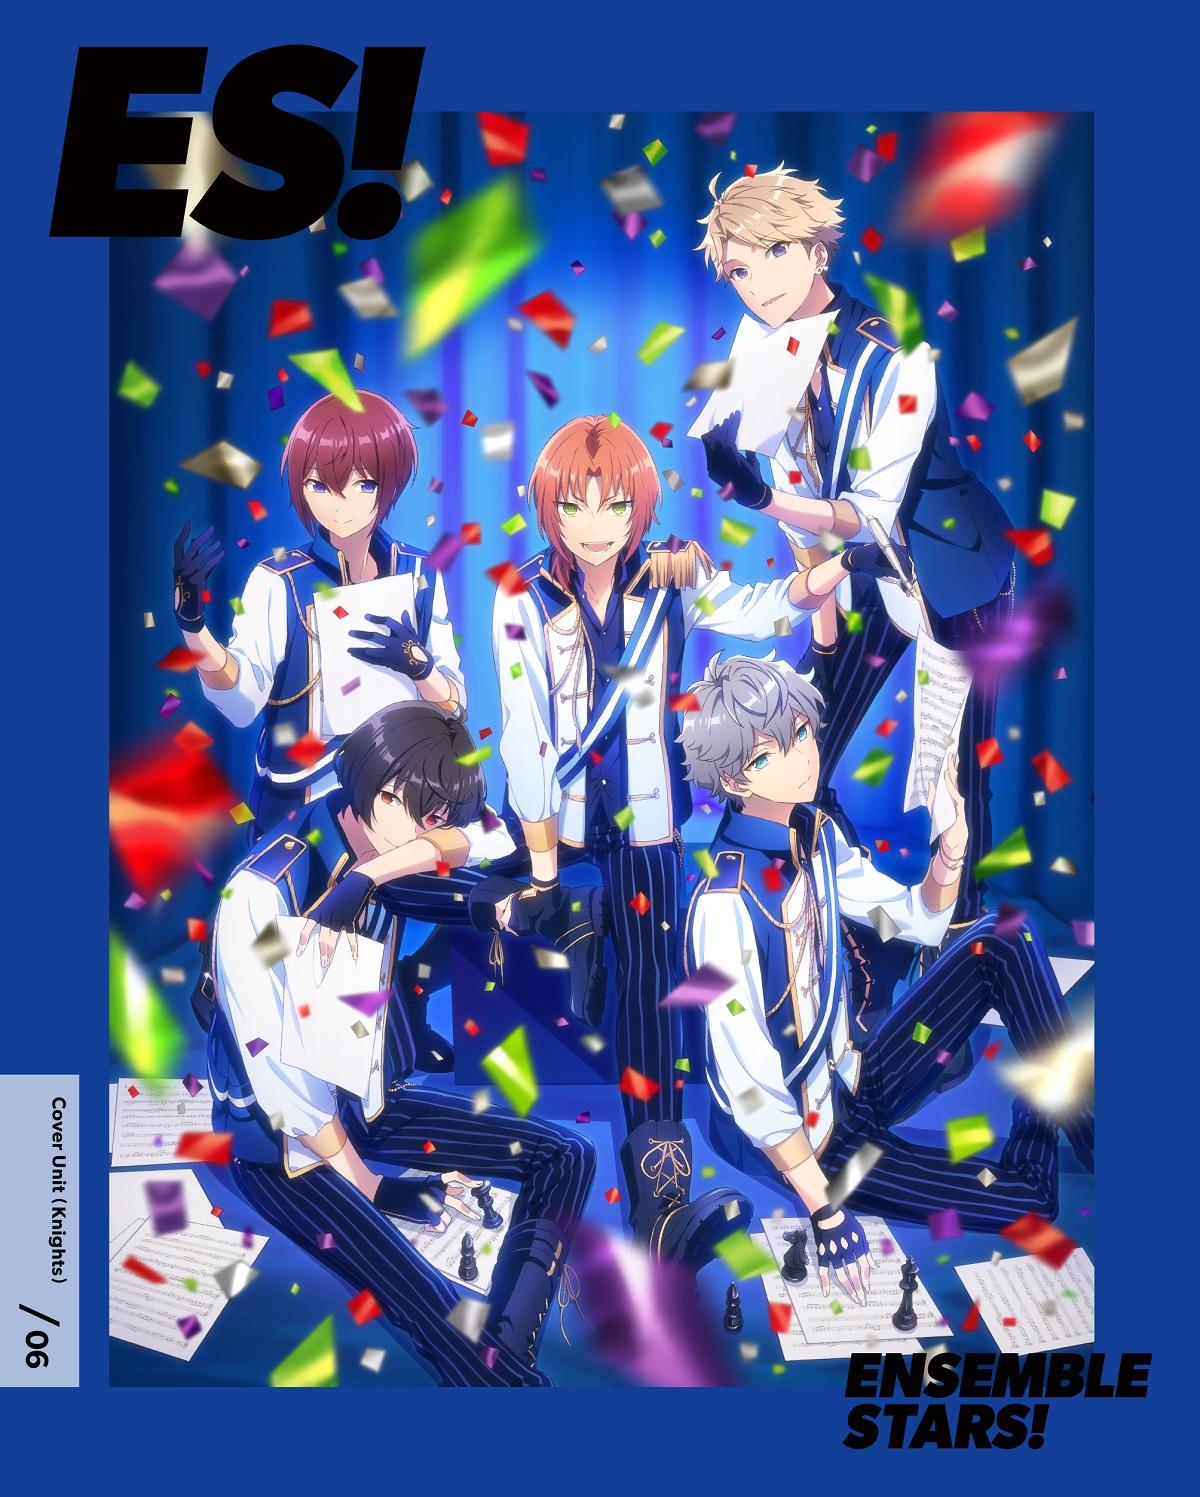 TVアニメ『あんさんぶるスターズ!』Blu-ray & DVD 特装限定版06ジャケットイラスト公開!